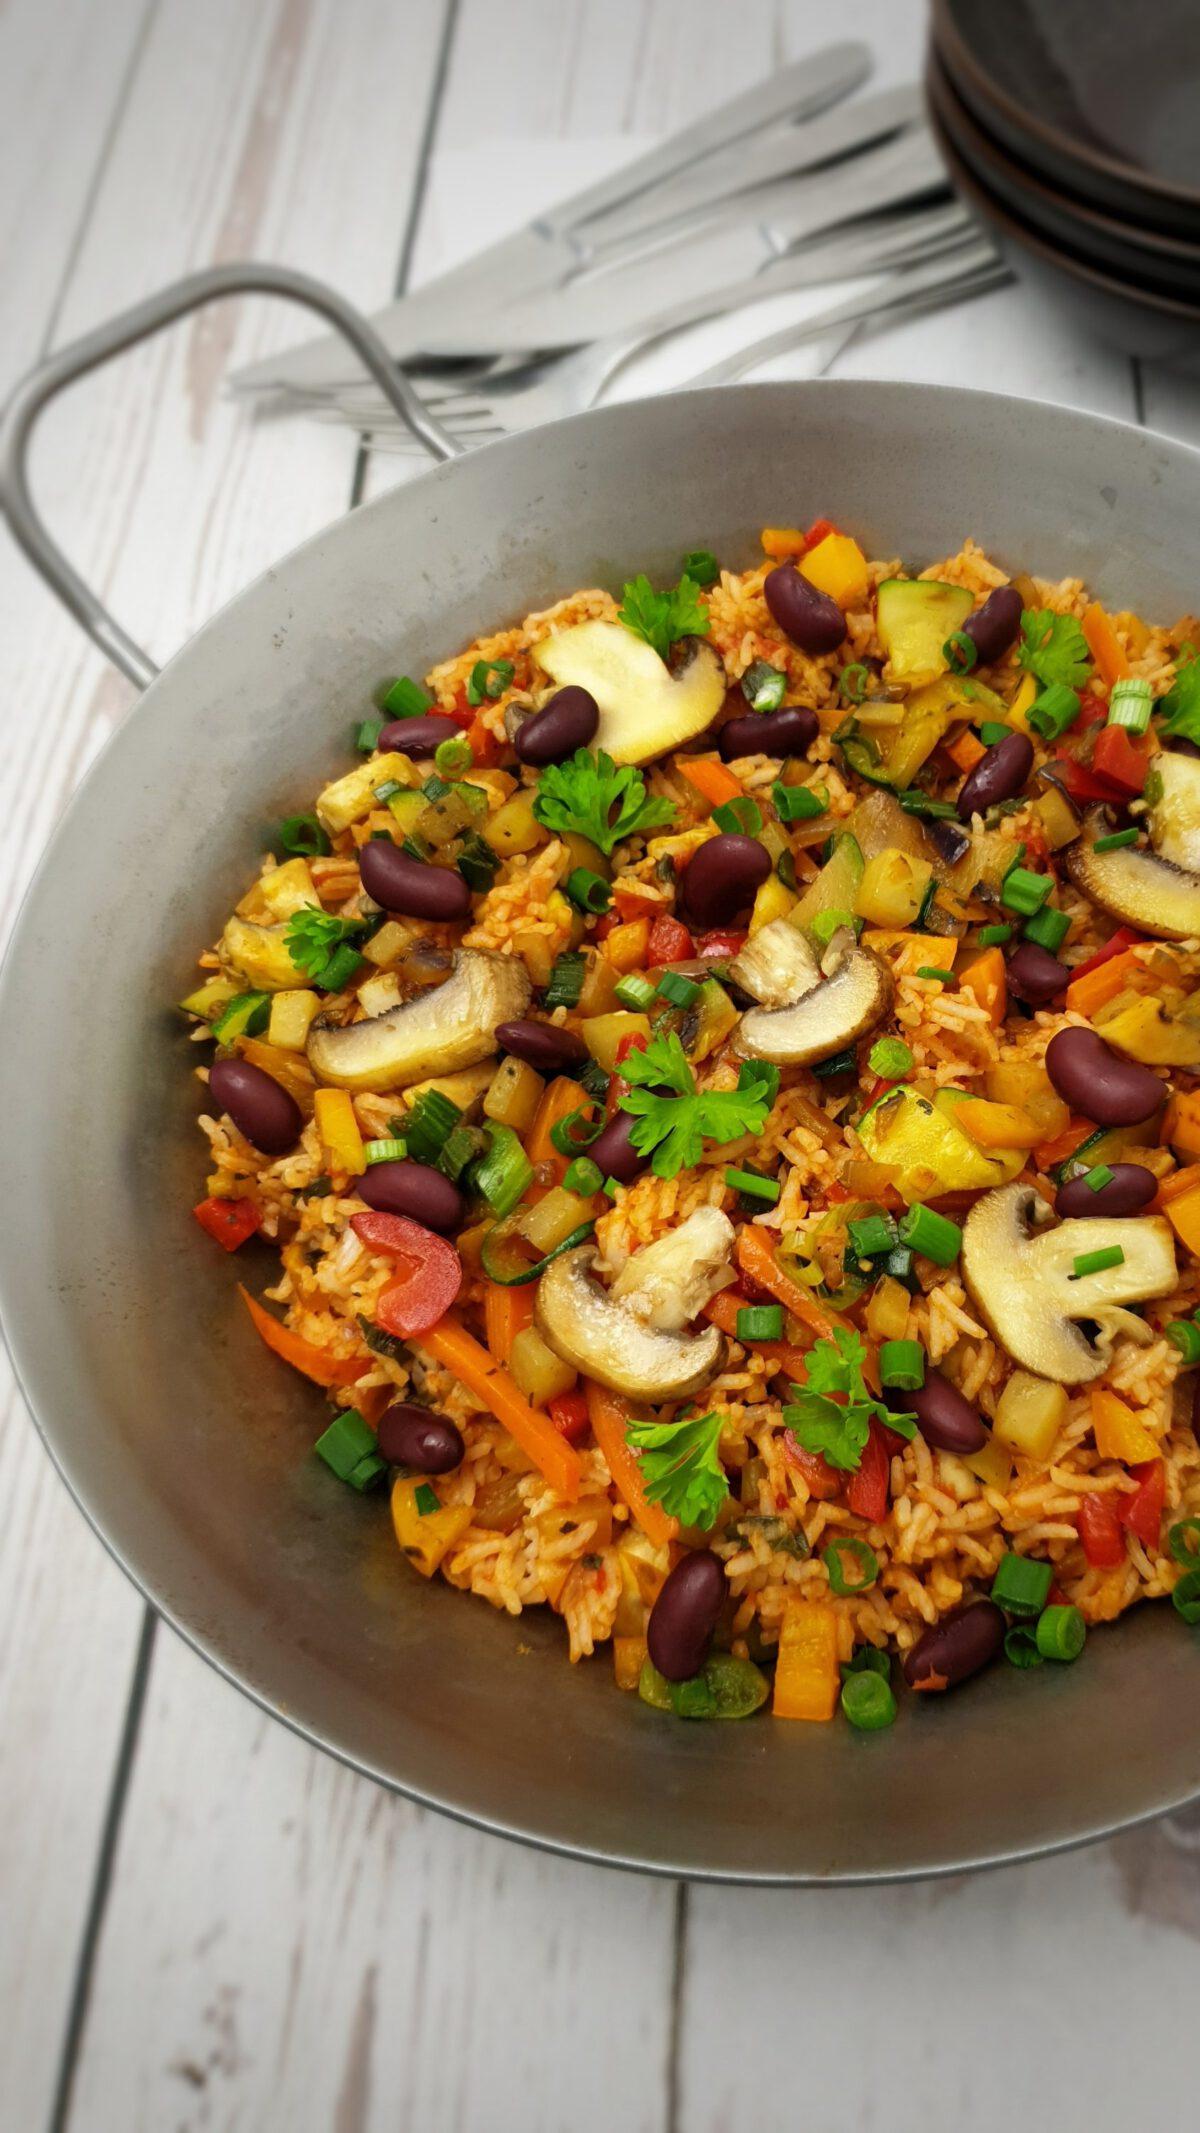 Bunte Reis-Pfanne mit viel Gemüse in einer Pfanne angerichtet.